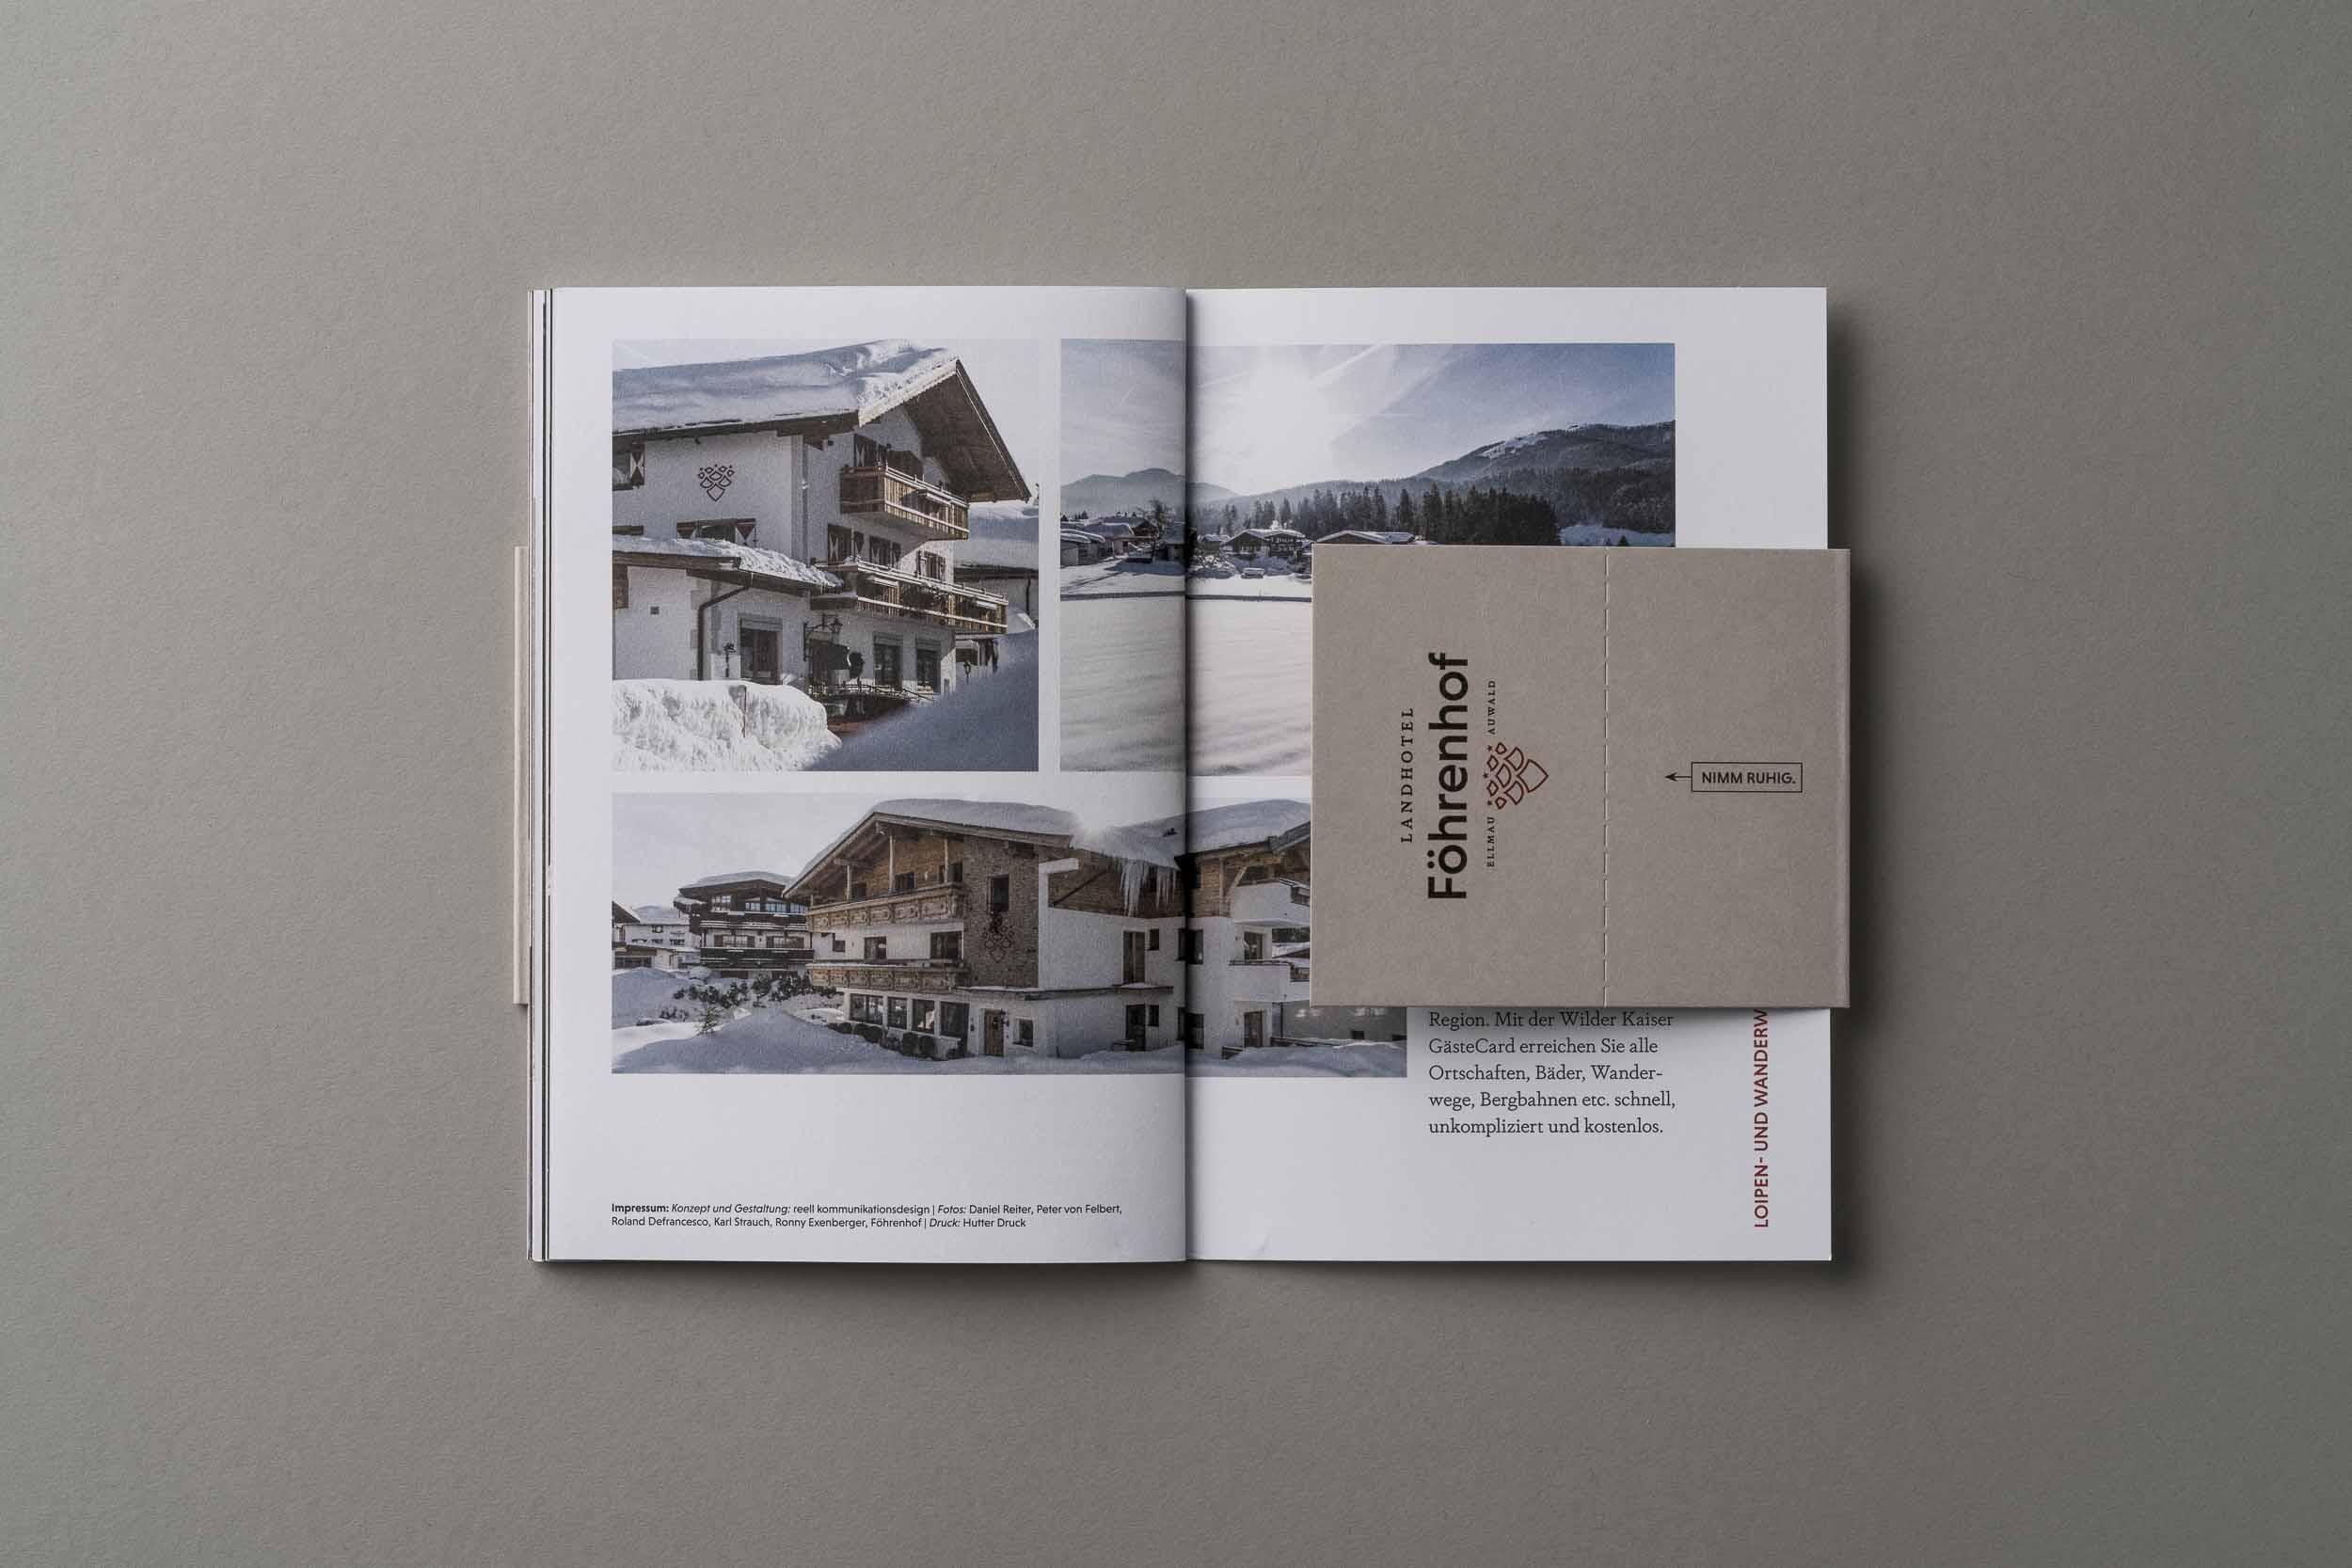 Die letzte Innenseite des Föhrenhof-Imagefolder mit Visitenkarte.